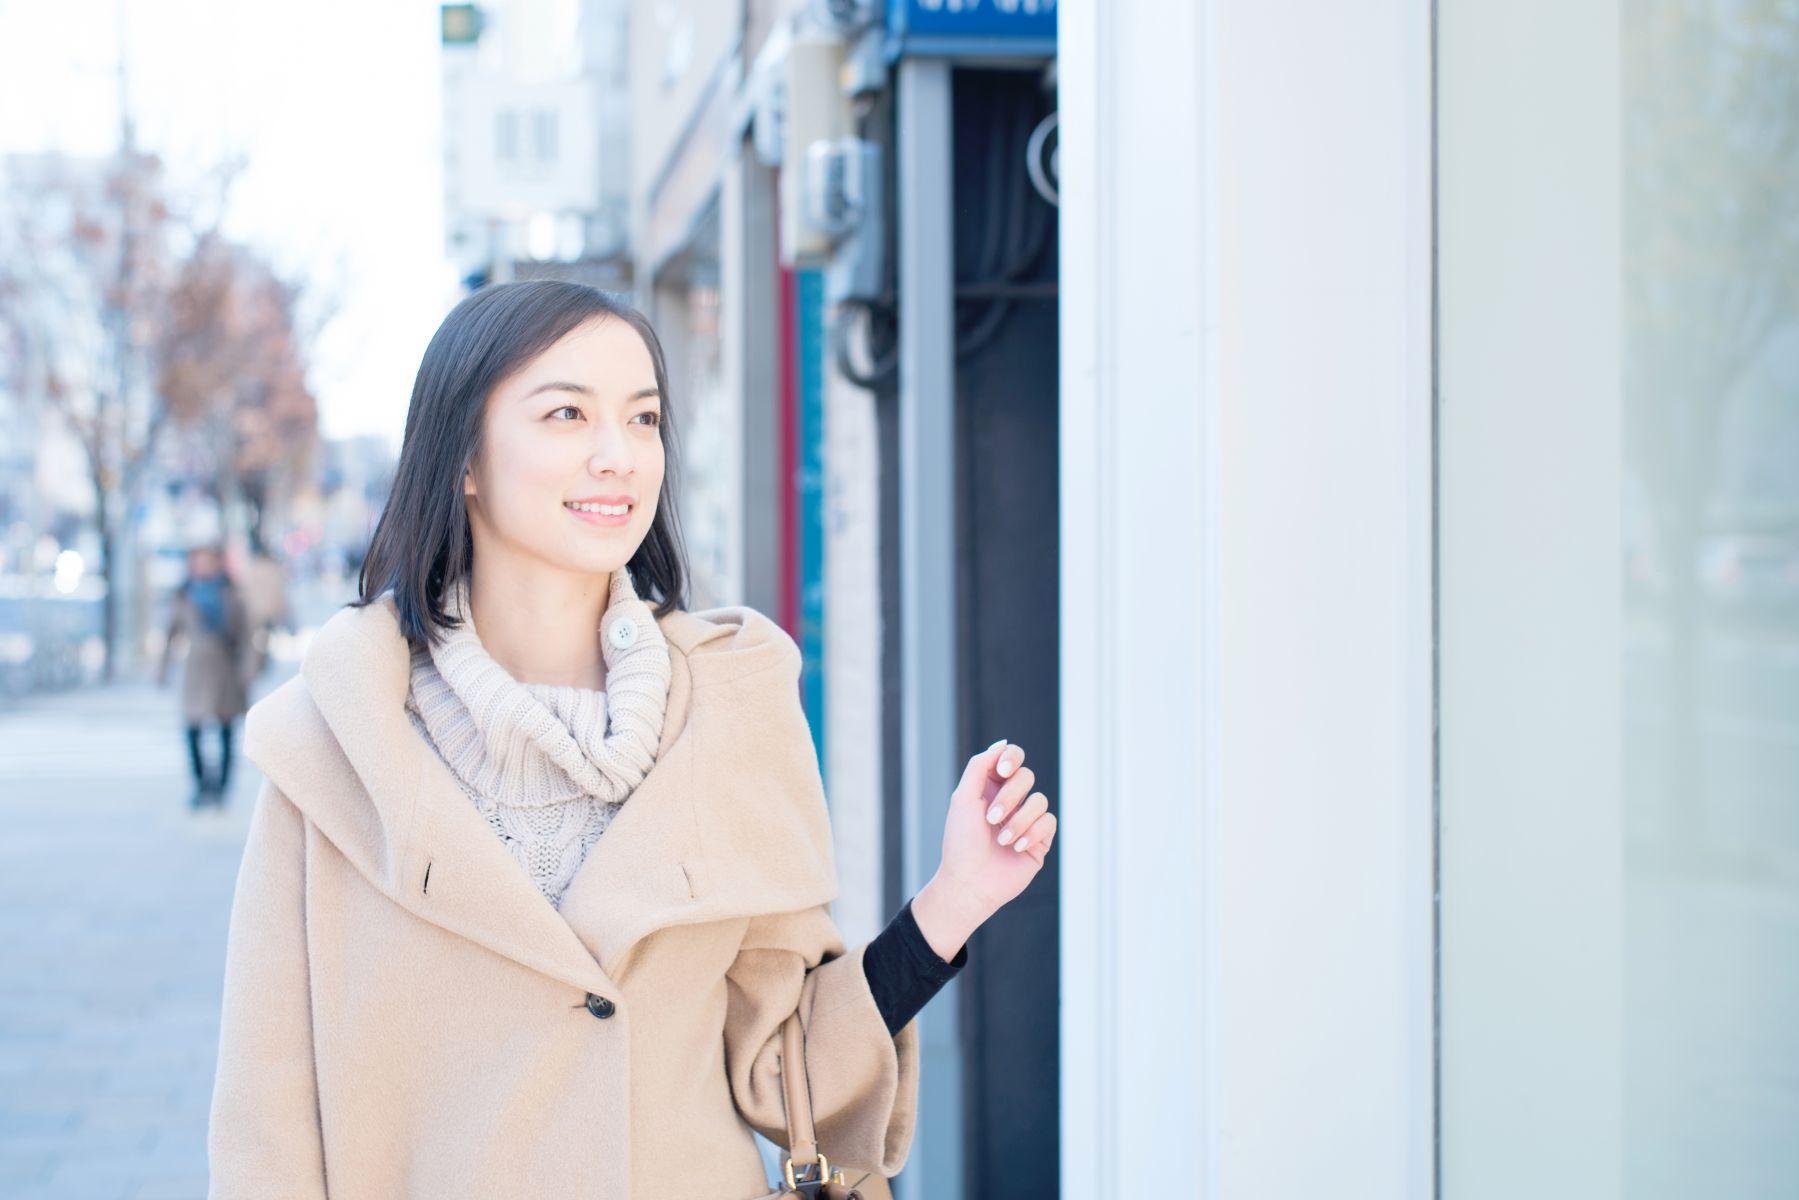 低溫來襲,洋蔥式穿法好腫!快學日本妹「不顯胖穿衣法」,薄薄4層保暖又秀好身材